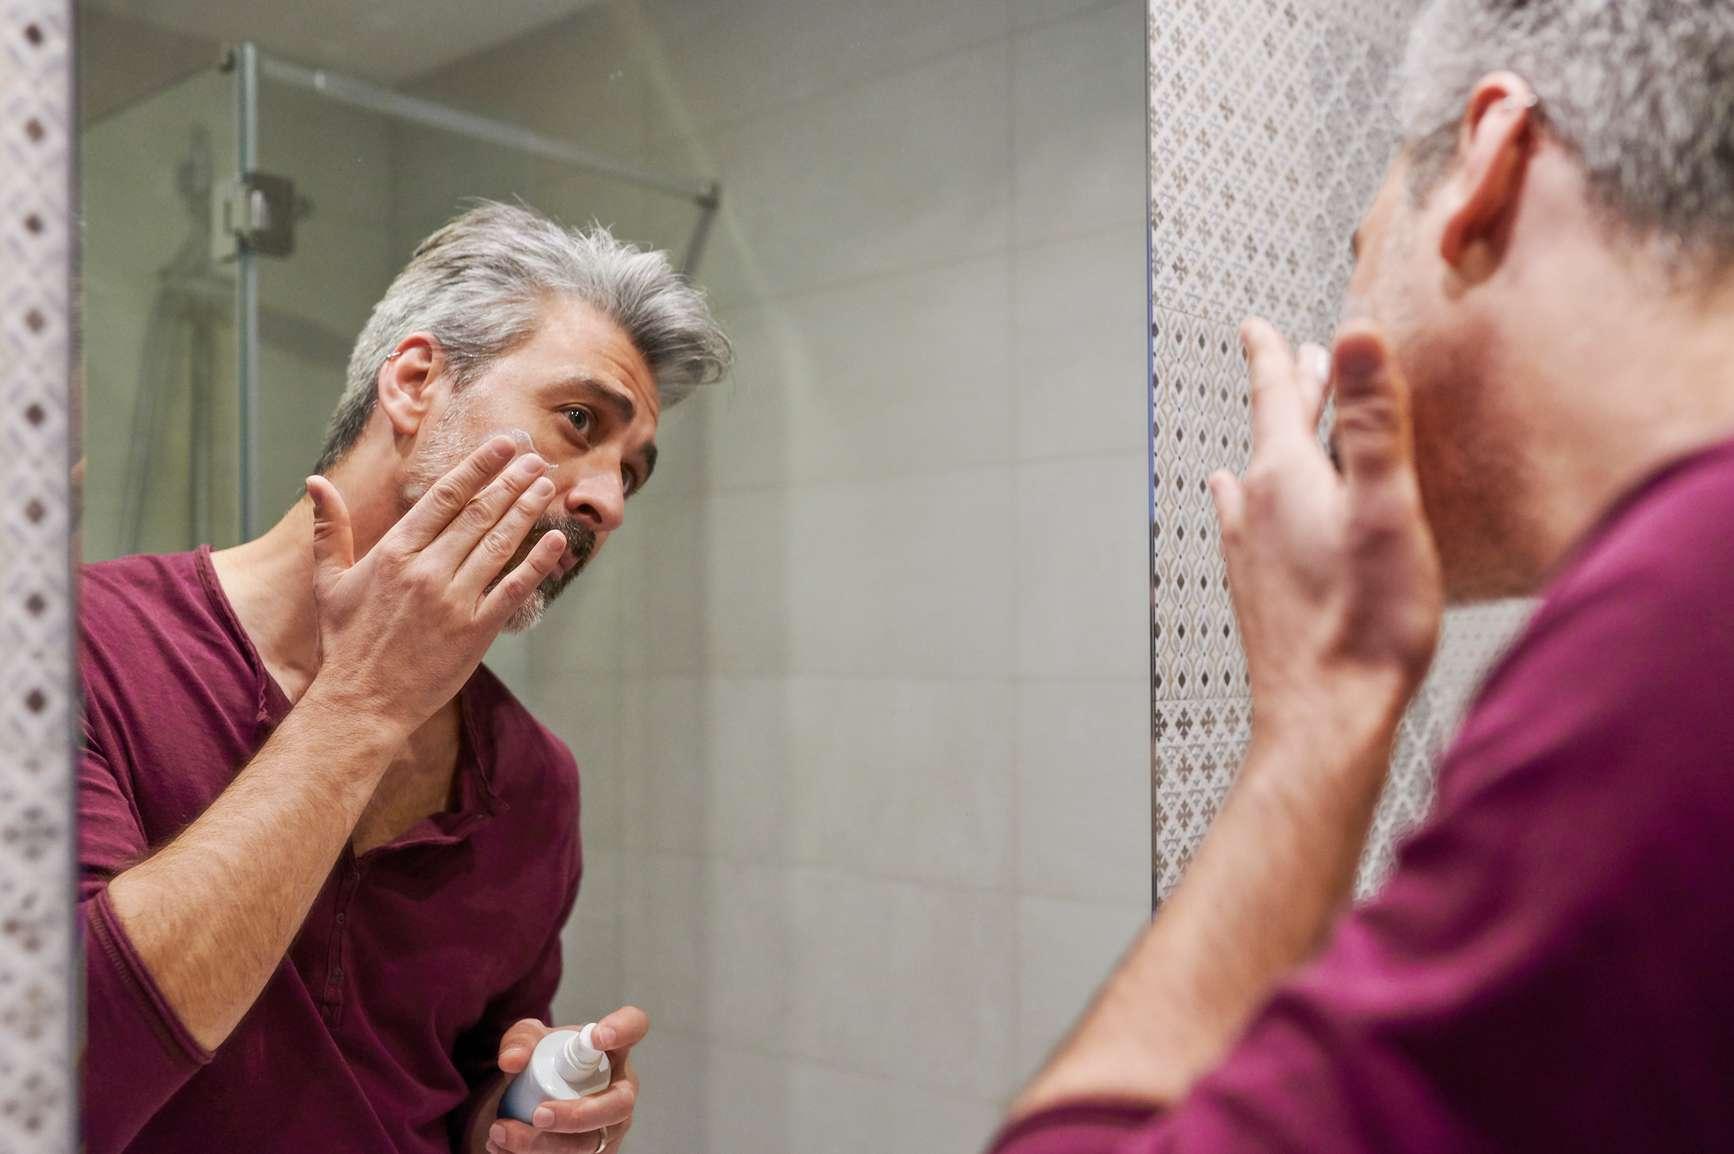 man applying beard dye